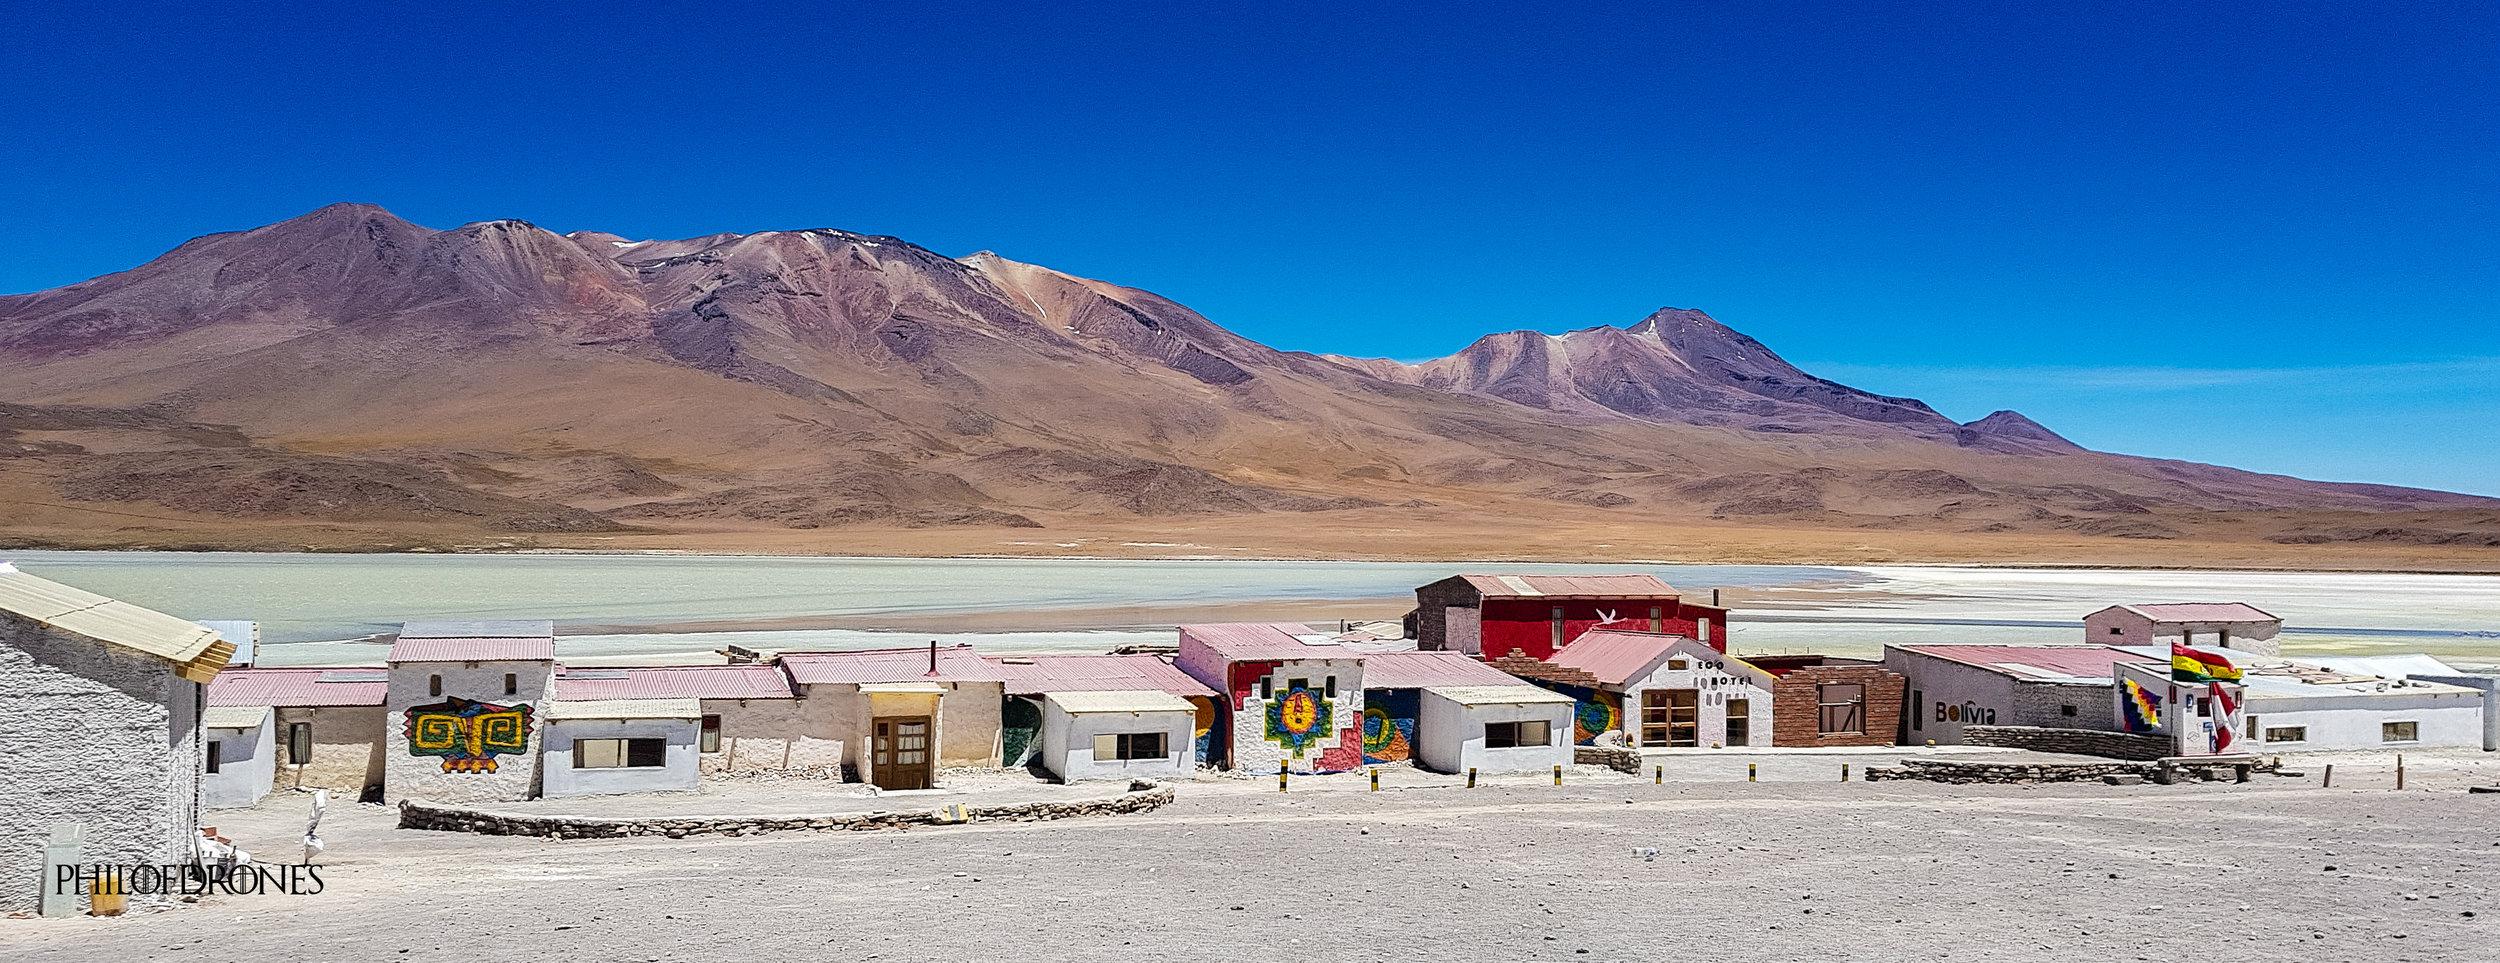 Hôtel Los flamencos au bord d'une lagune Bolivienne